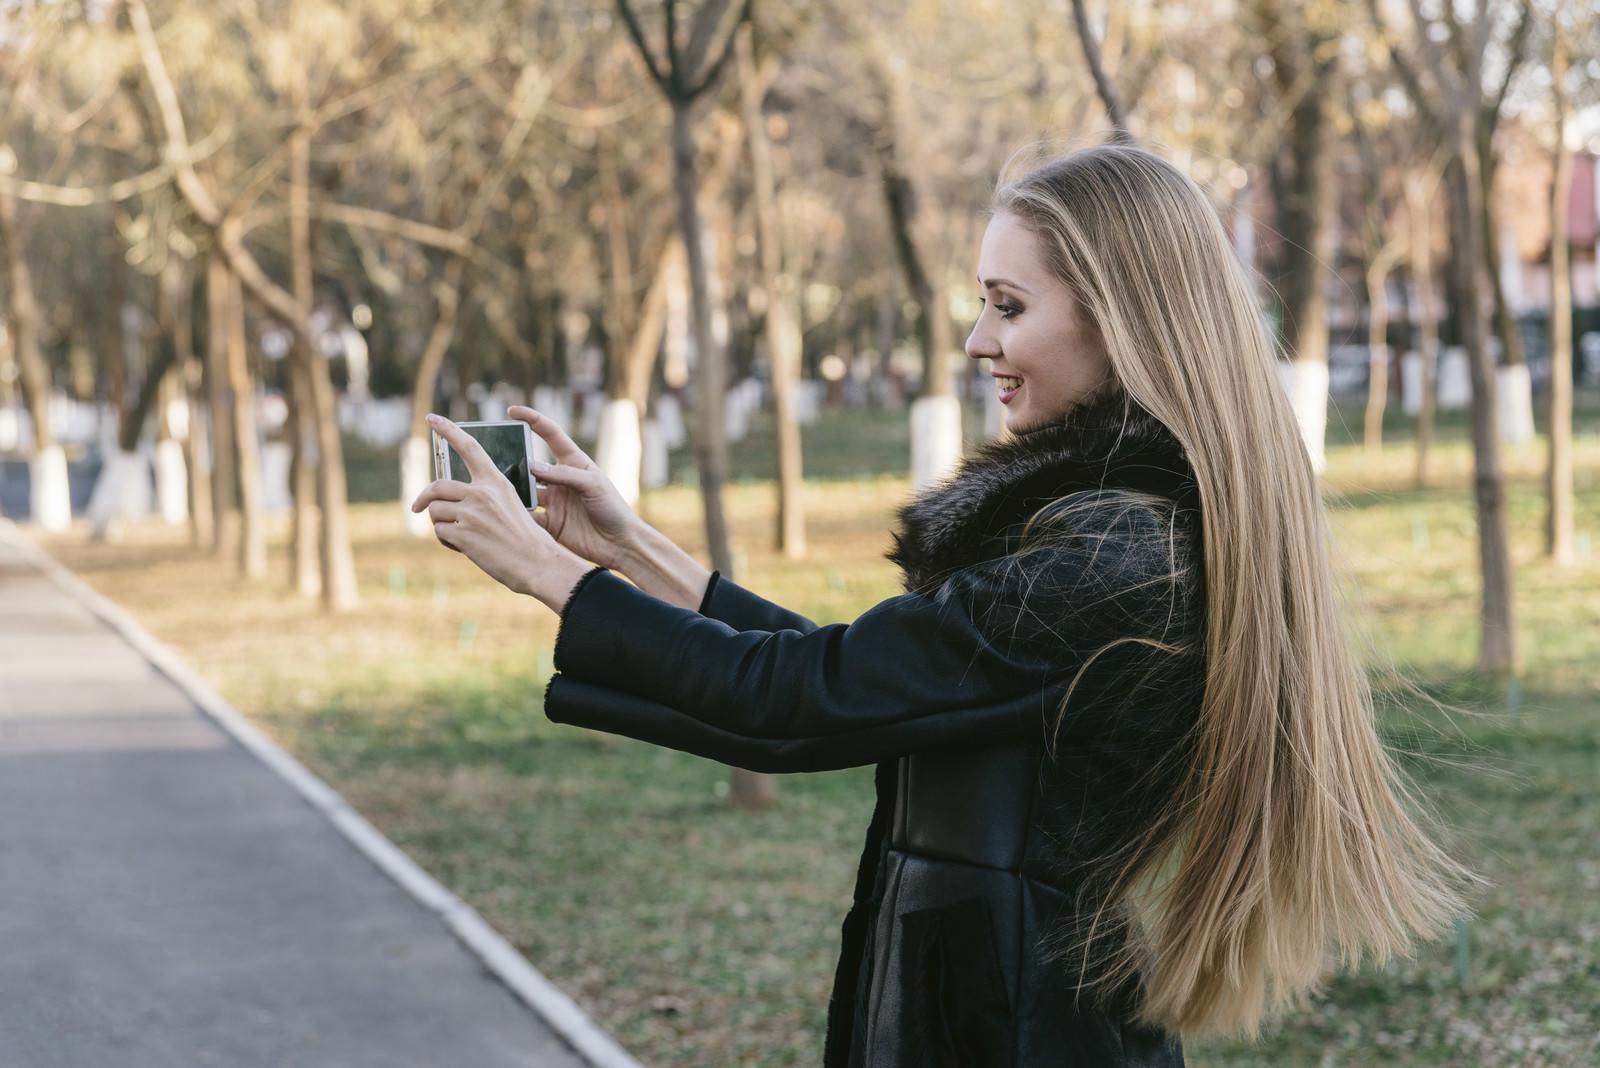 「公園をスマホで撮影するモデル公園をスマホで撮影するモデル」[モデル:モデルファクトリー]のフリー写真素材を拡大